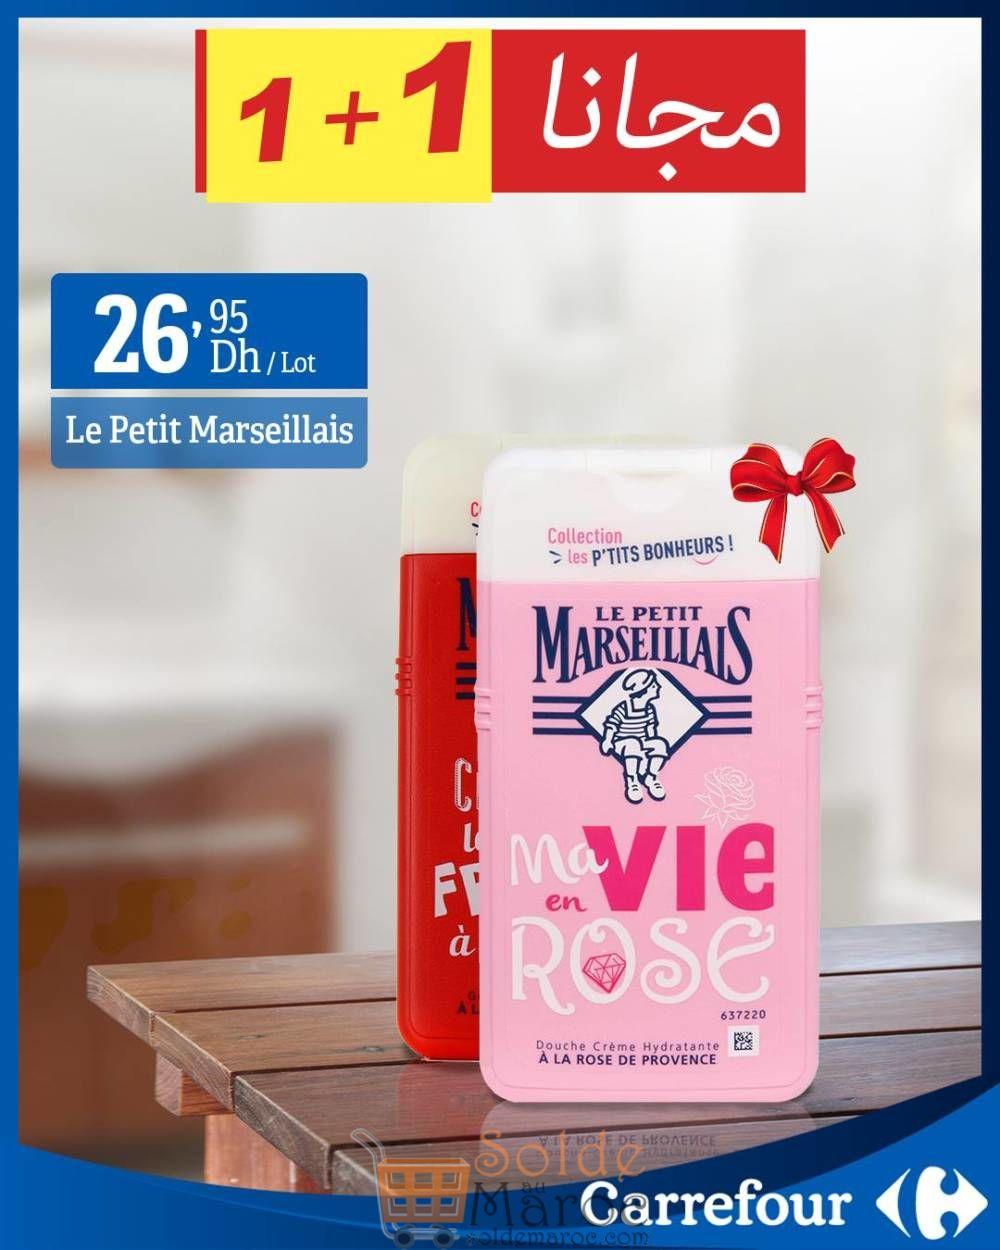 Douche Crème le petit Marseillais en promo 1+1 chez Carrefour Maroc